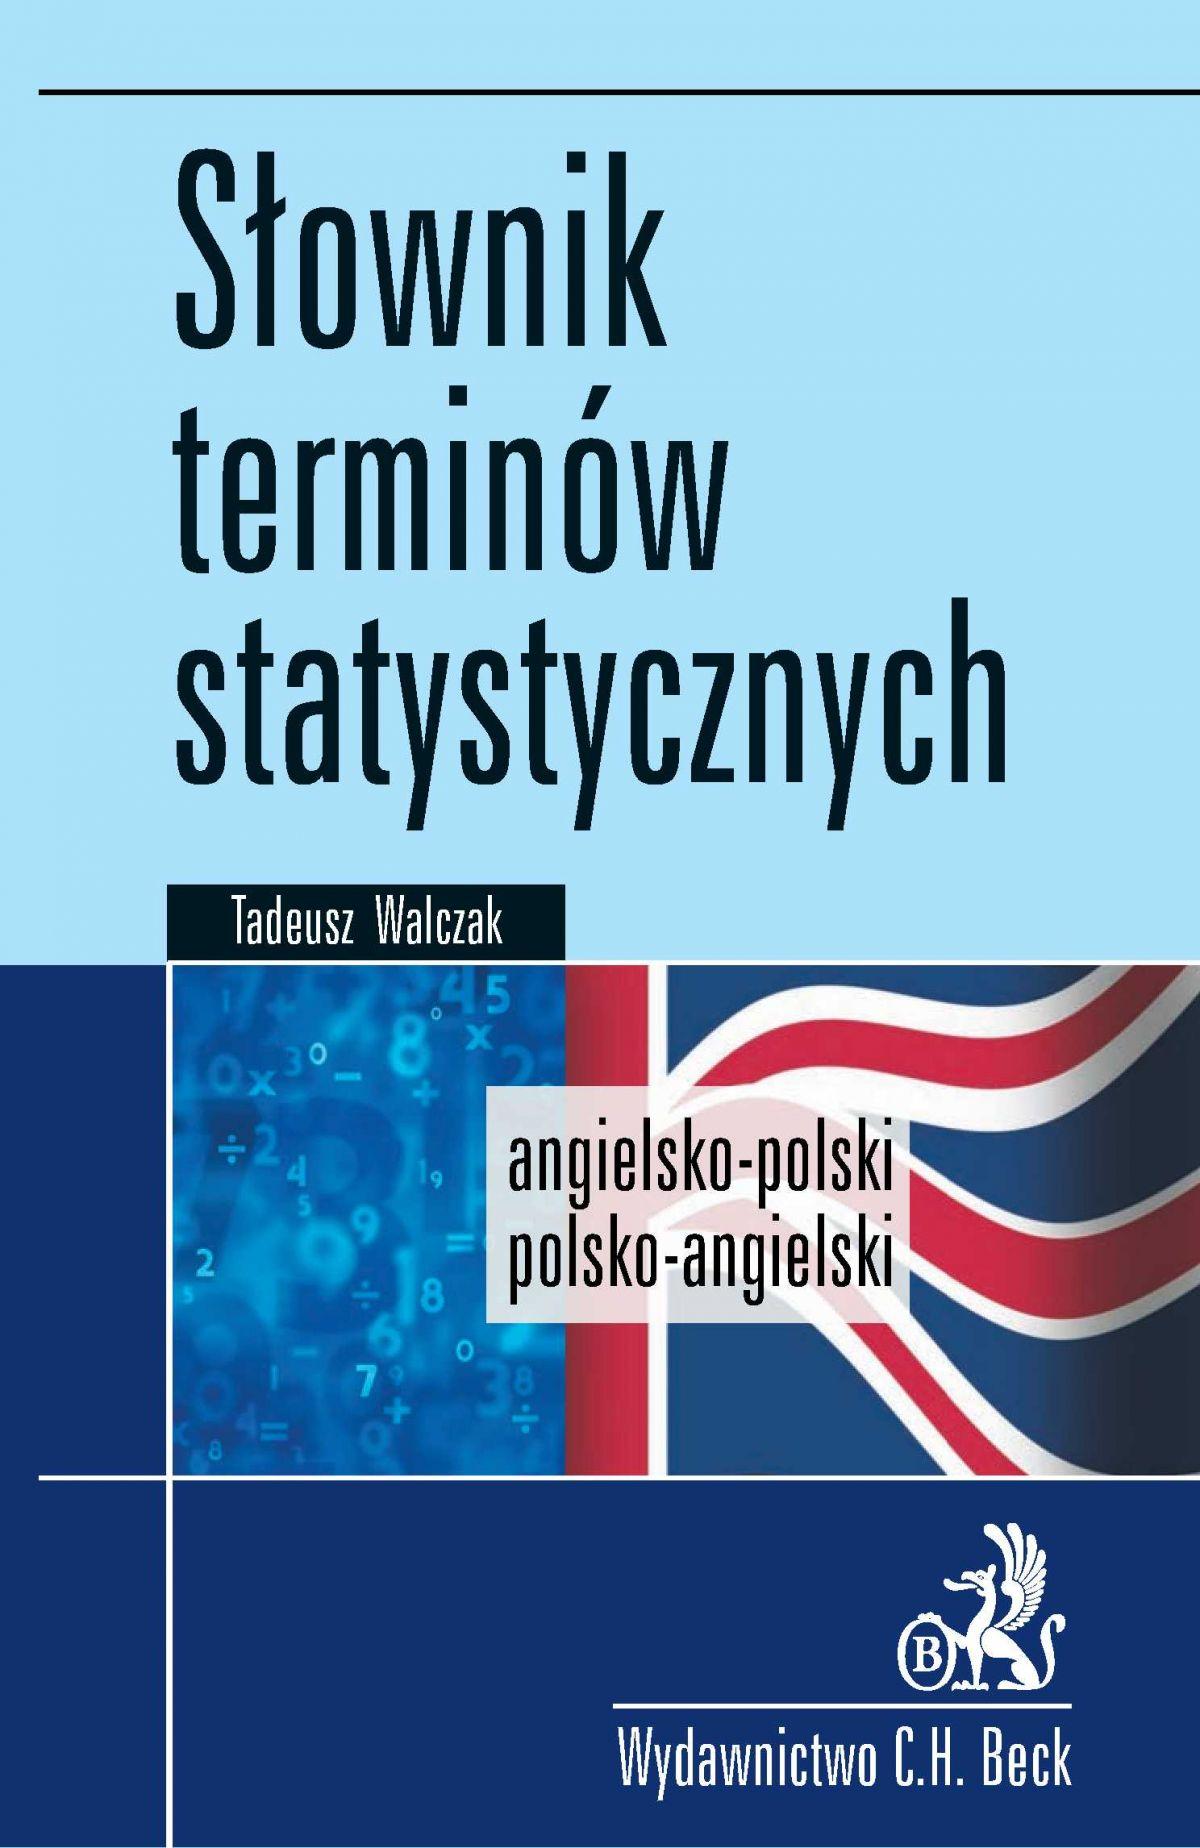 Słownik terminów statystycznych angielsko-polski polsko-angielski - Ebook (Książka PDF) do pobrania w formacie PDF